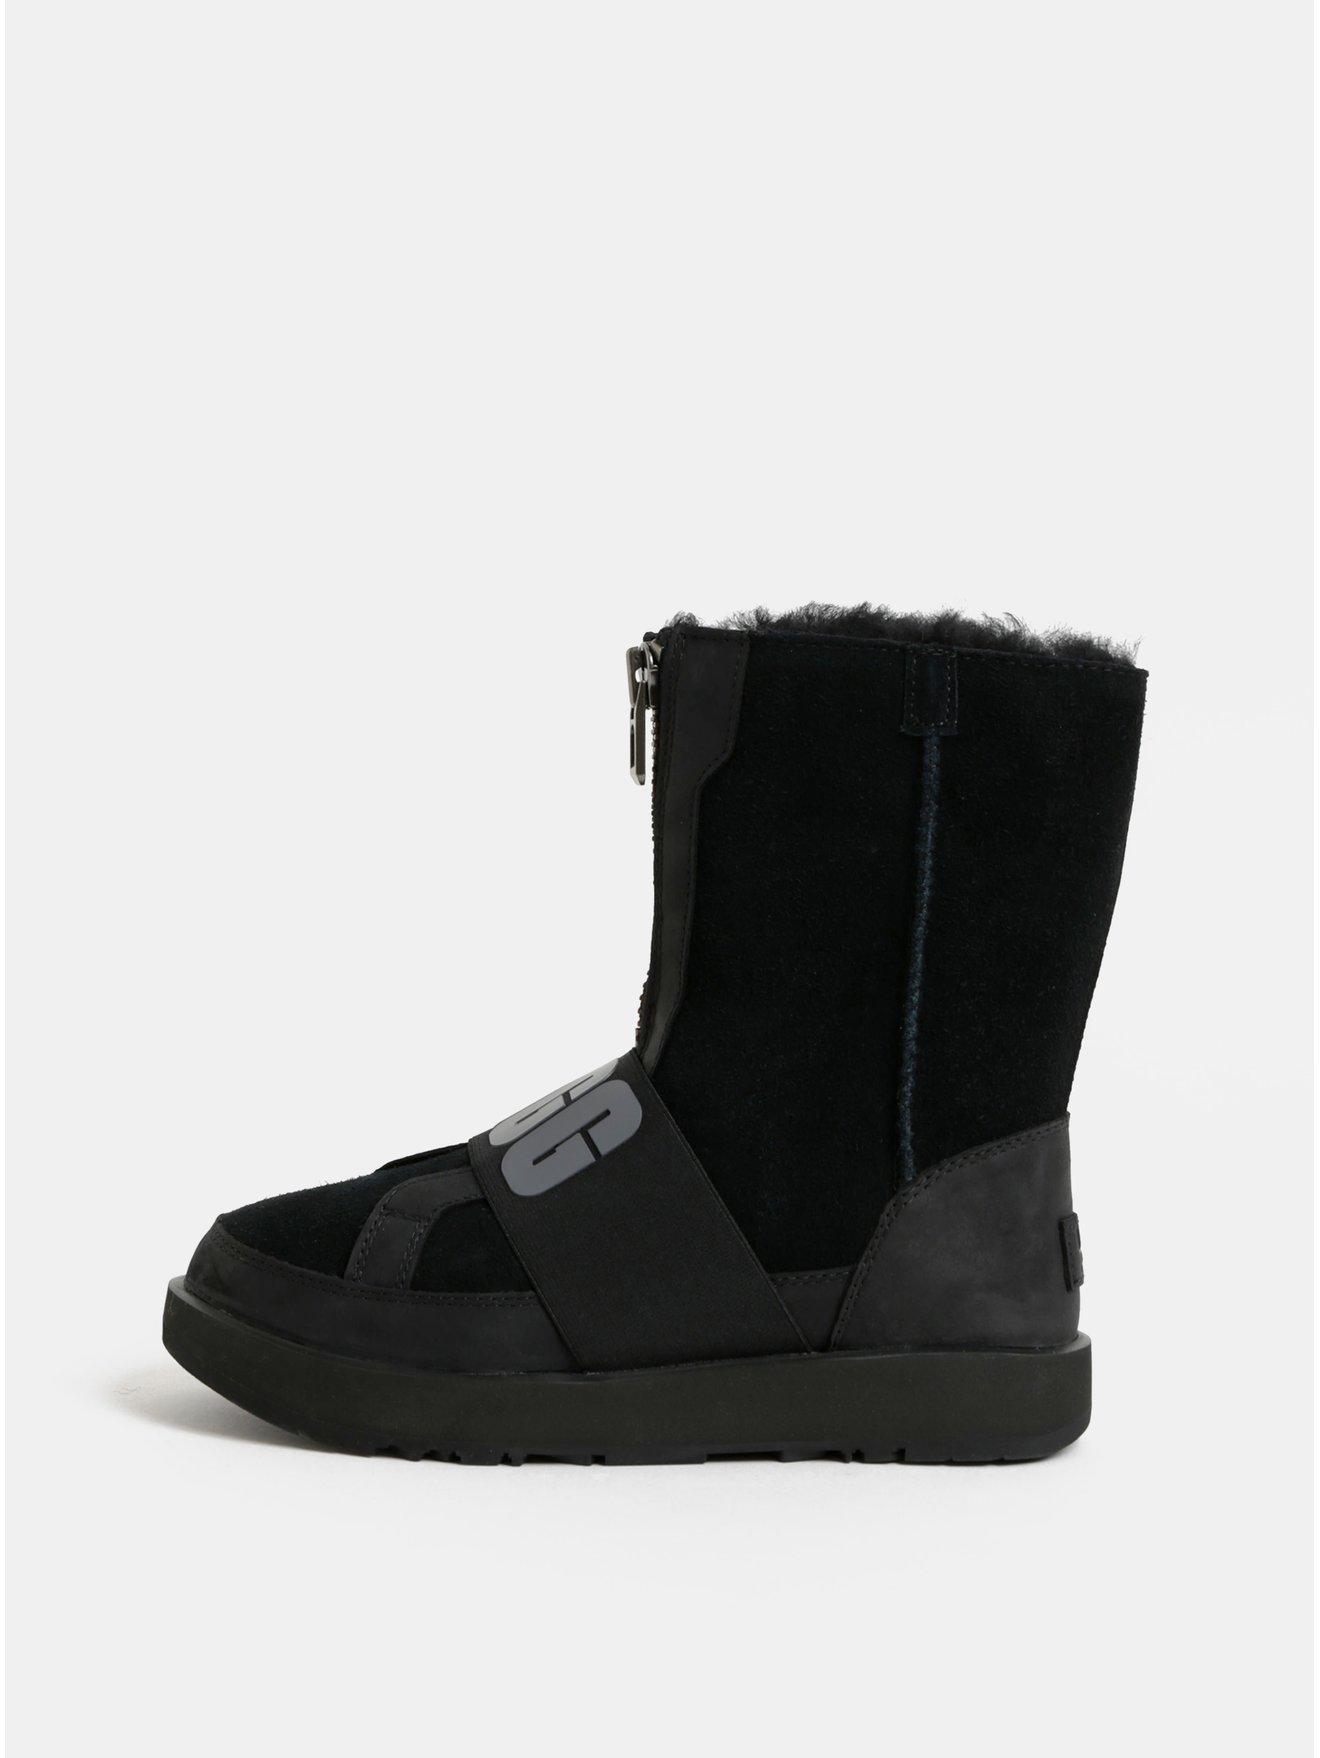 Černé voděodolné semišové zimní boty s vnitřním kožíškem UGG Conness